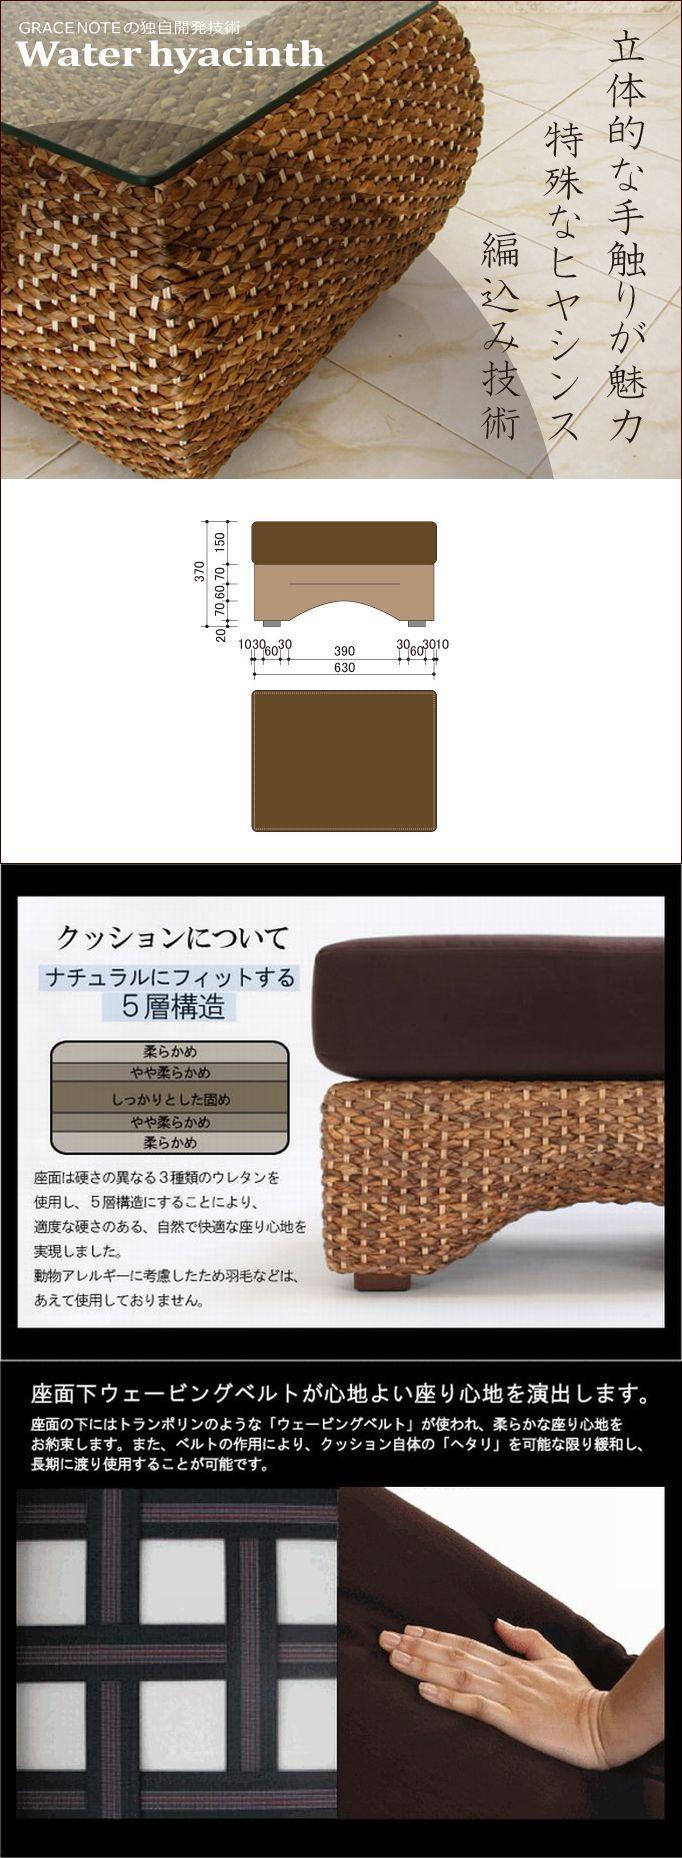 アジアン家具,バリ家具,椅子,オットマン,ベンチ,グレイスノート家具,ウォーターヒヤシンス